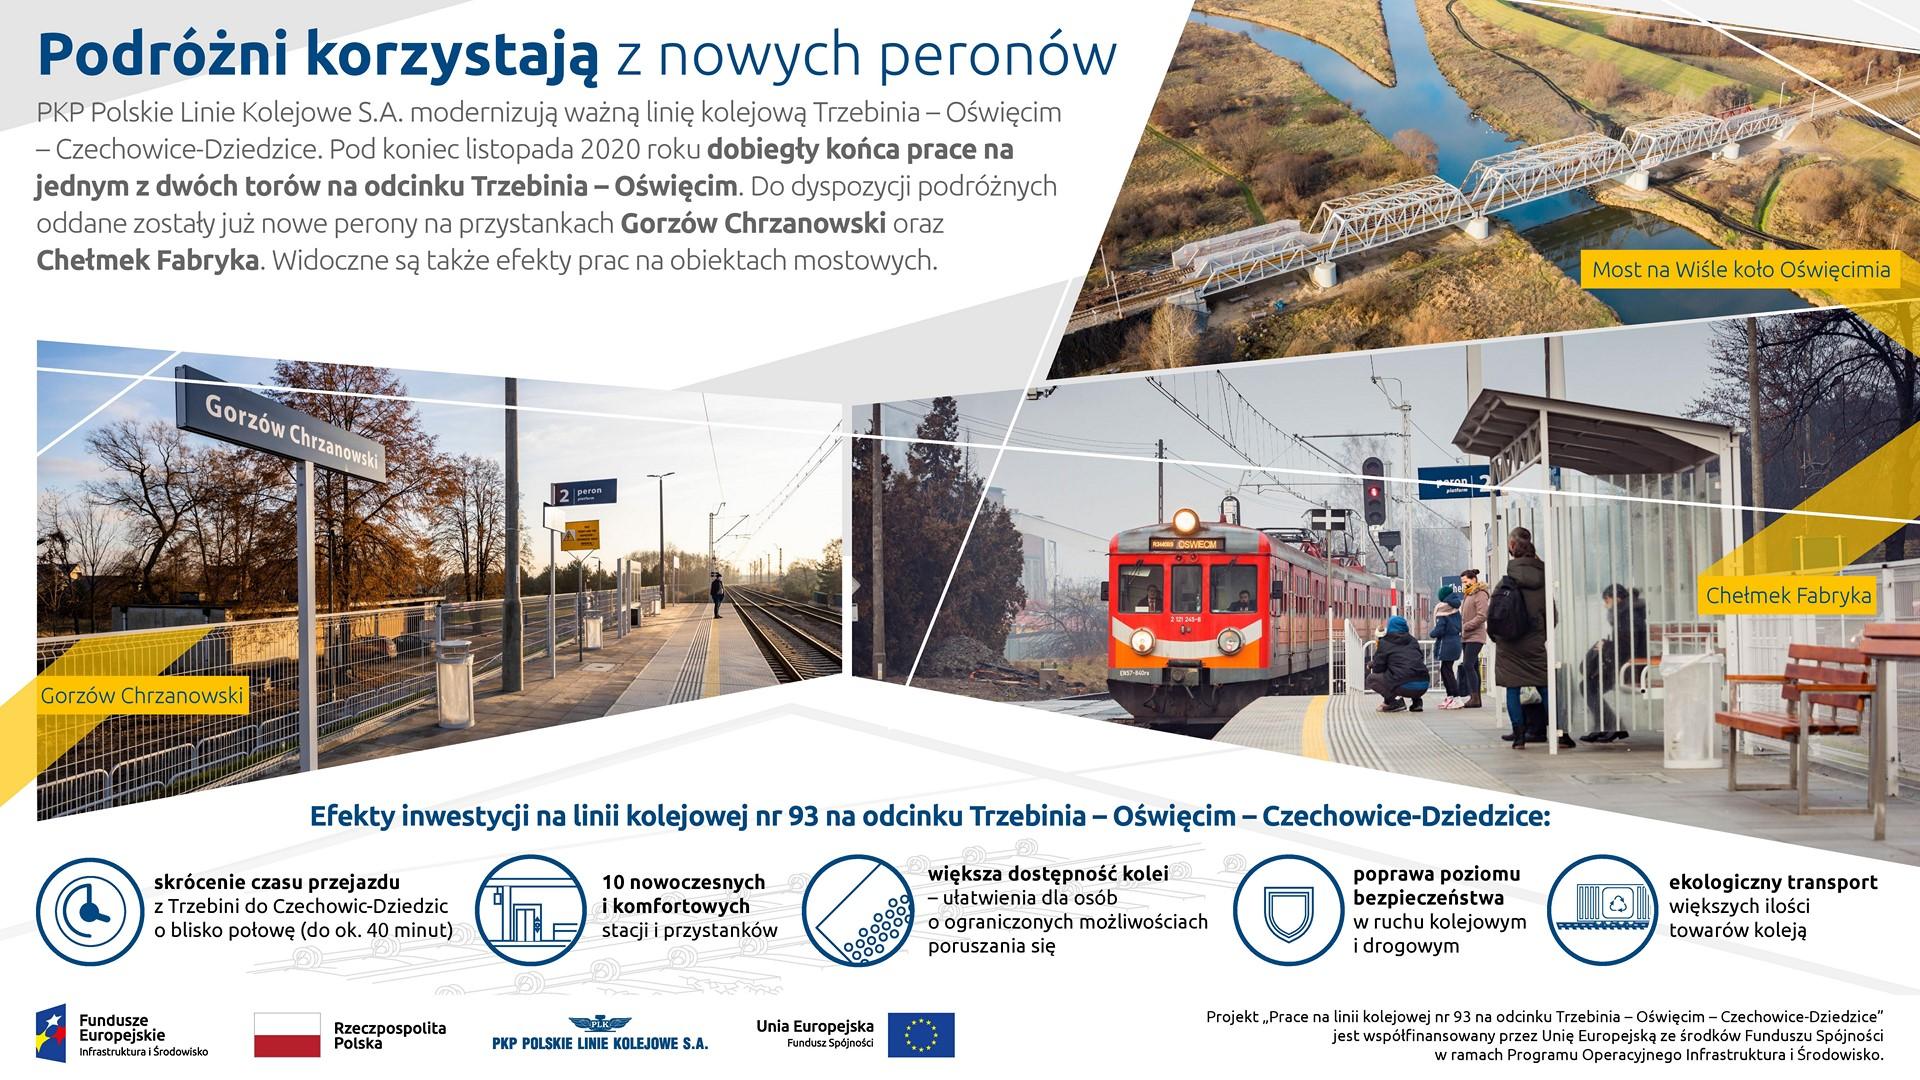 Infografika informująca o zakończeniu prac na jednym z dwóch torów na odcinku Trzebinia - Oświęcim.